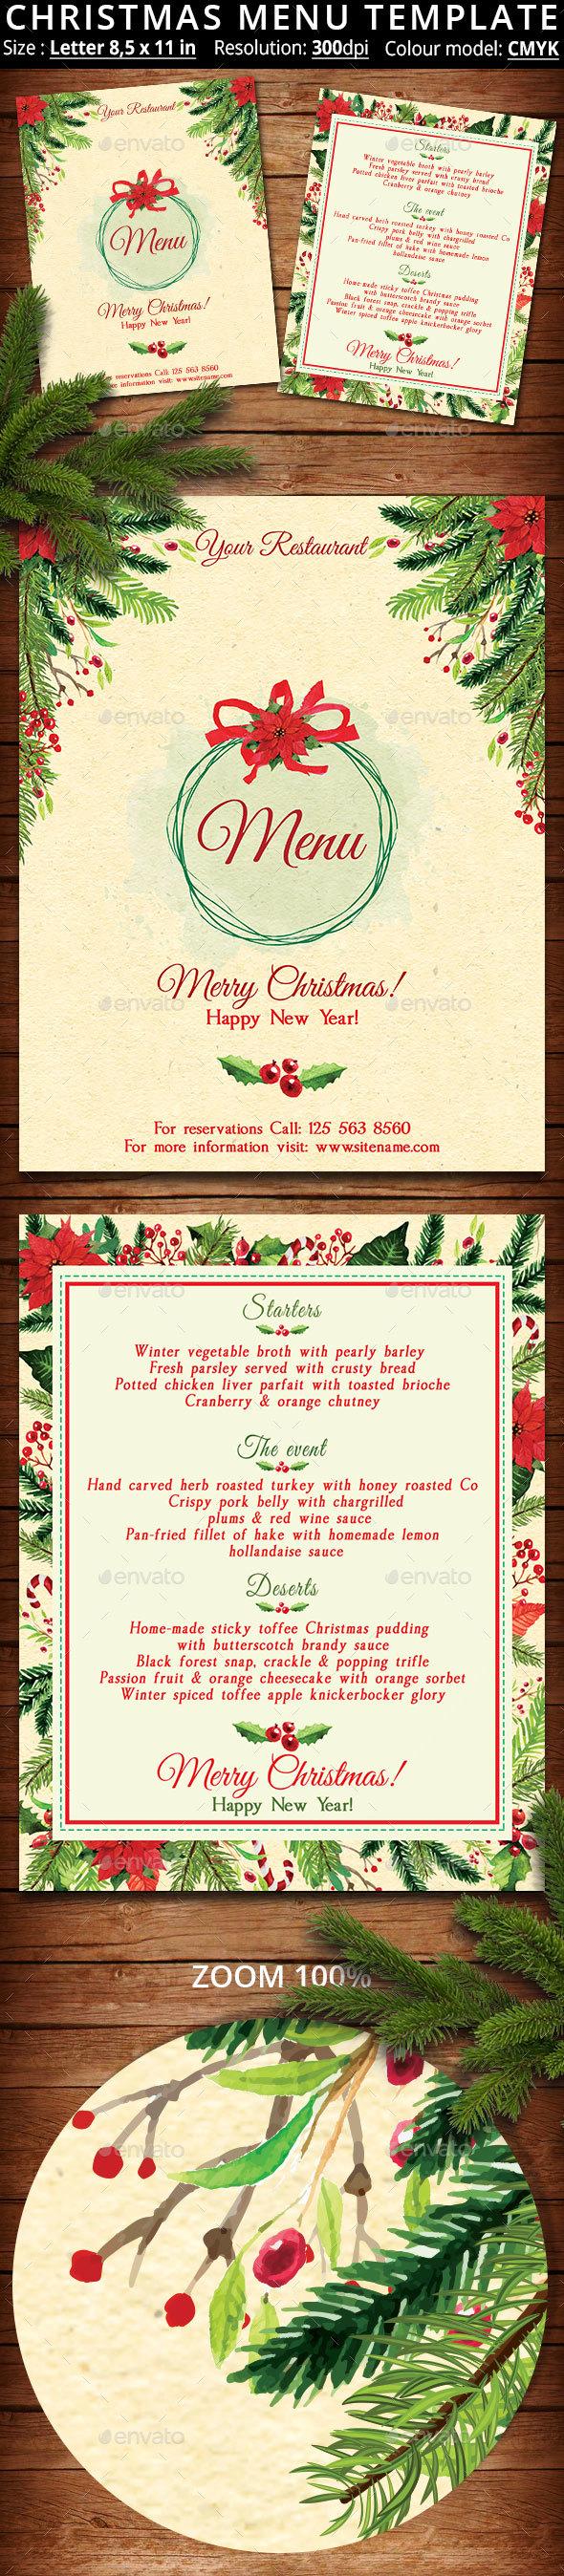 GraphicRiver Christmas Menu Template 20663117